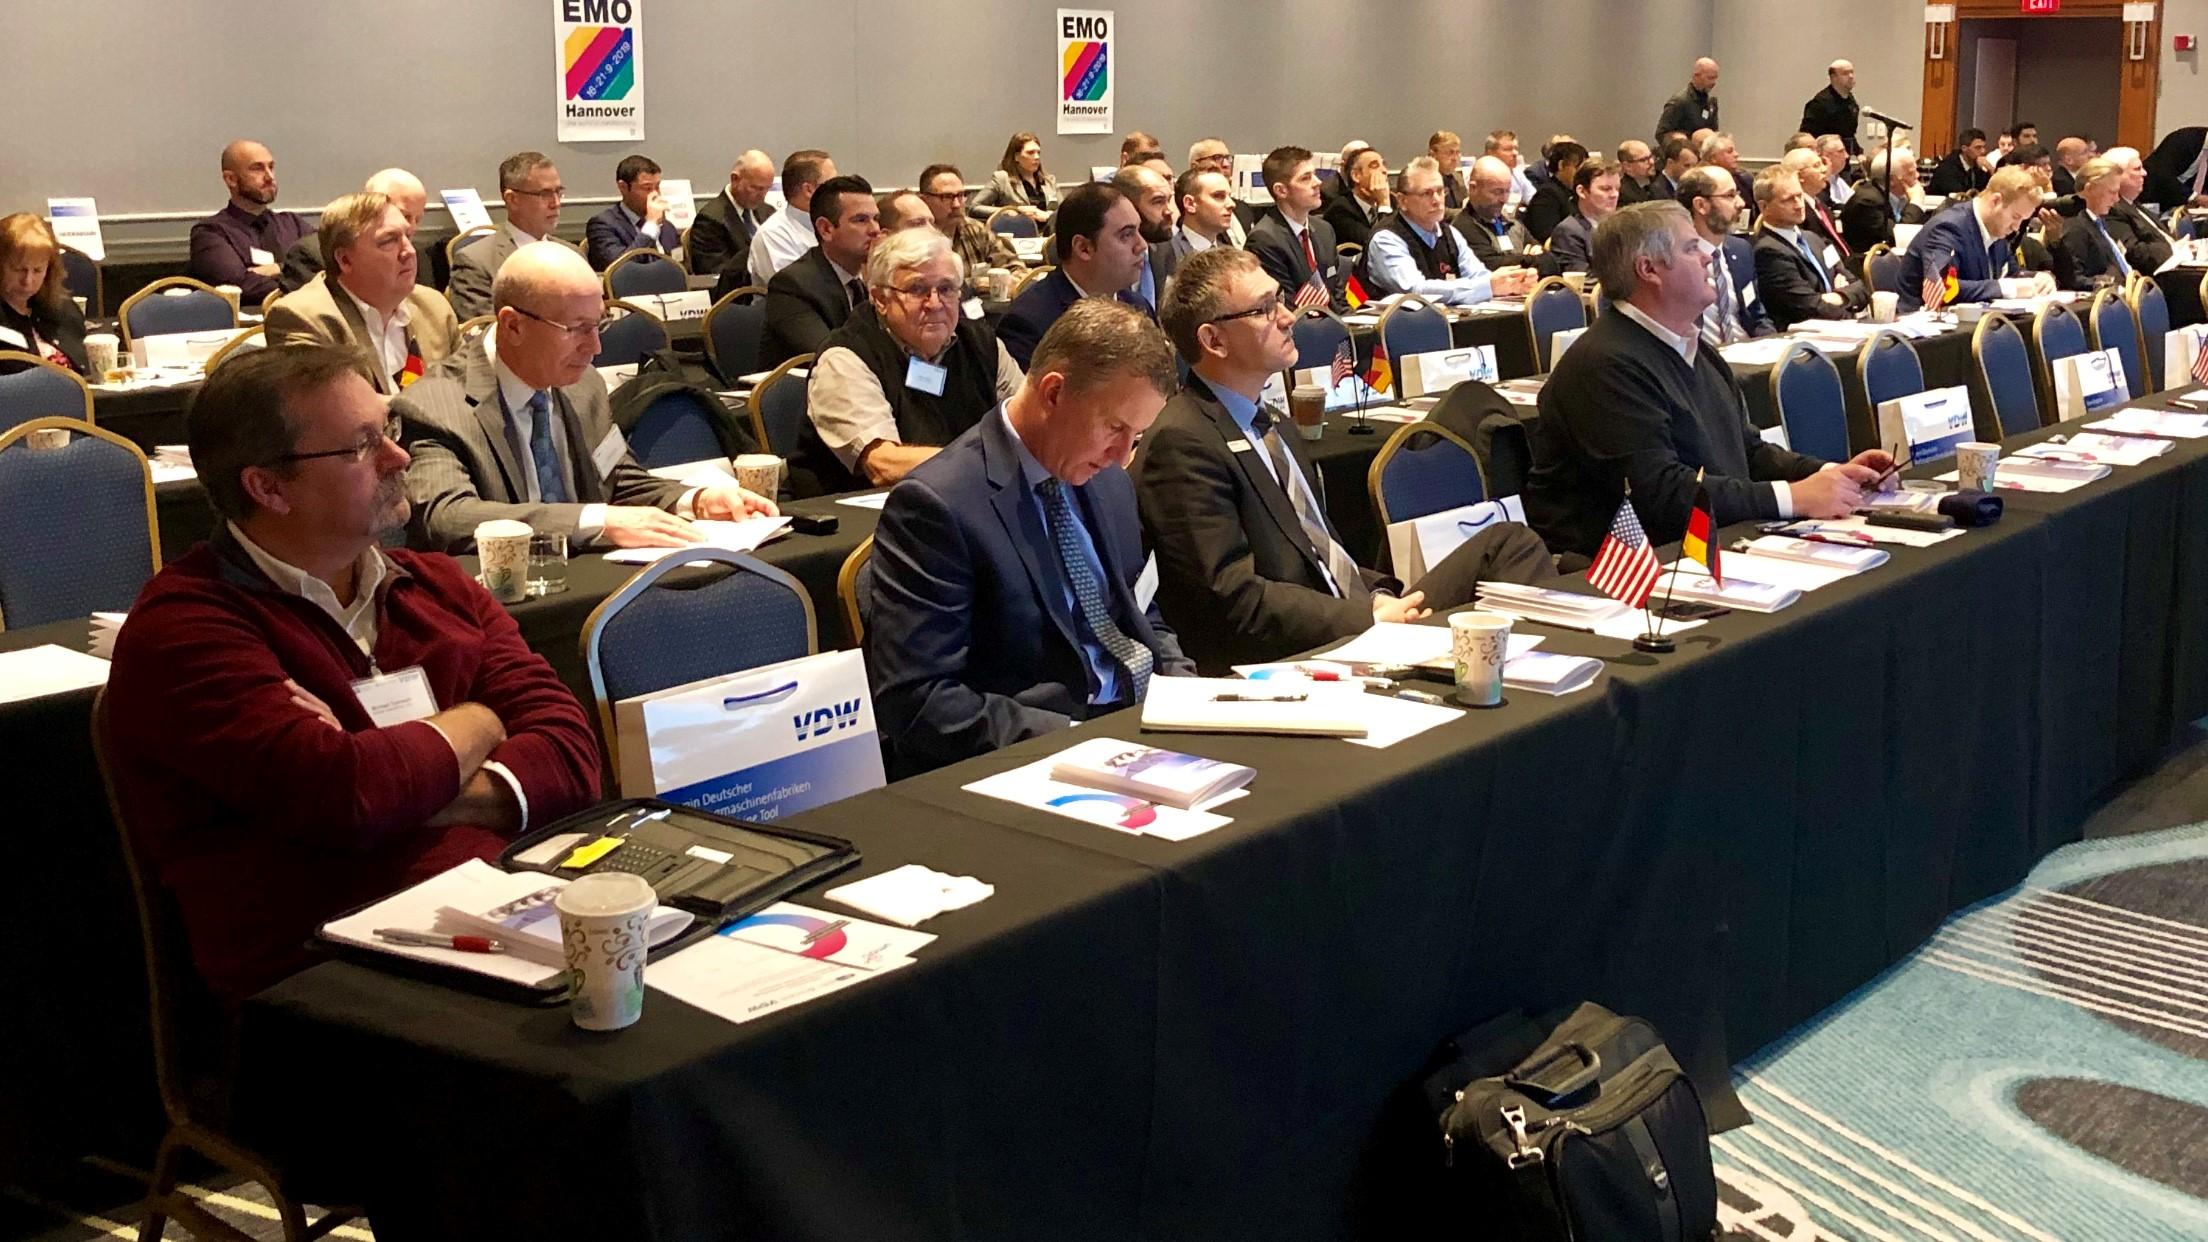 Das VDW-Symposium fand in Detroit, Michigan, dem Herzen der US-Automobilindustrie, und in Charlotte, North Carolina, Standort für Automobil-, Zuliefer-, Flugzeugindustrie, Maschinenbau und Medizintechnik, statt.